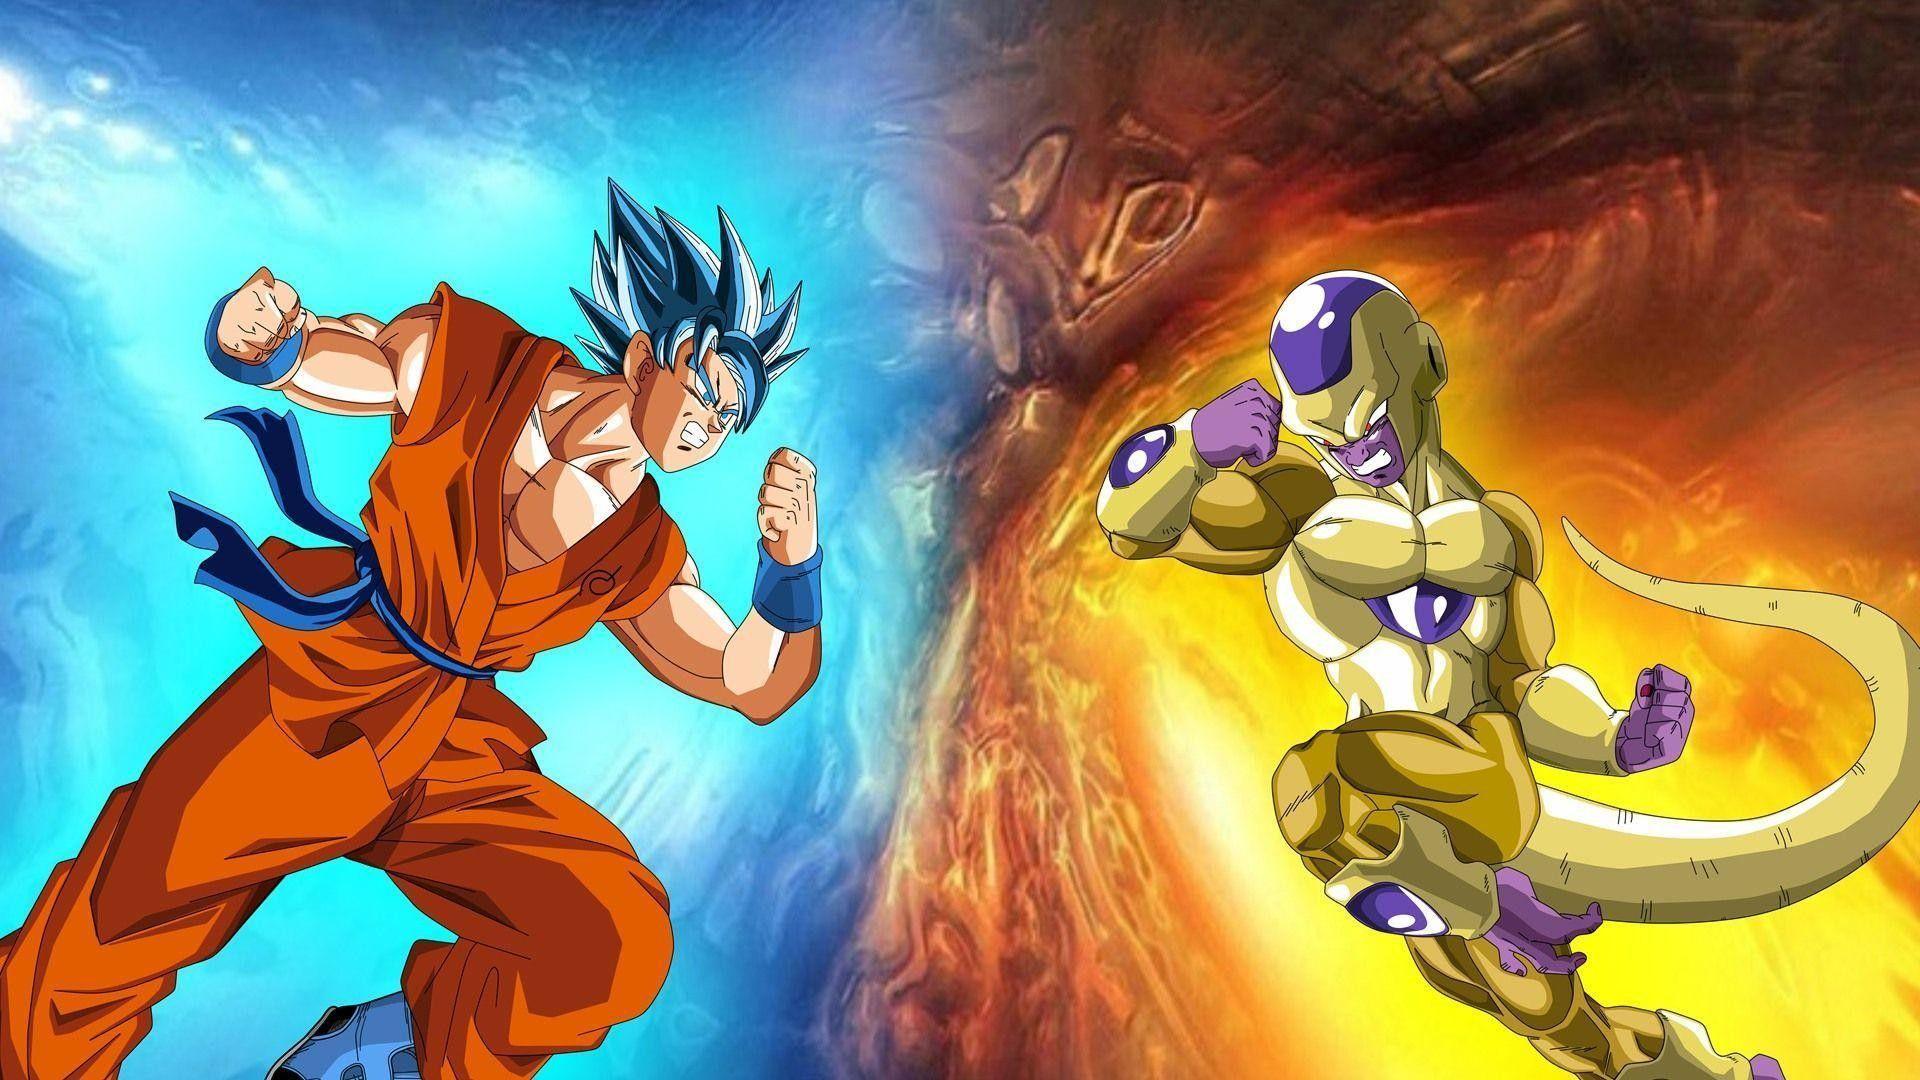 Goku Vs Frieza Wallpapers Top Free Goku Vs Frieza Backgrounds